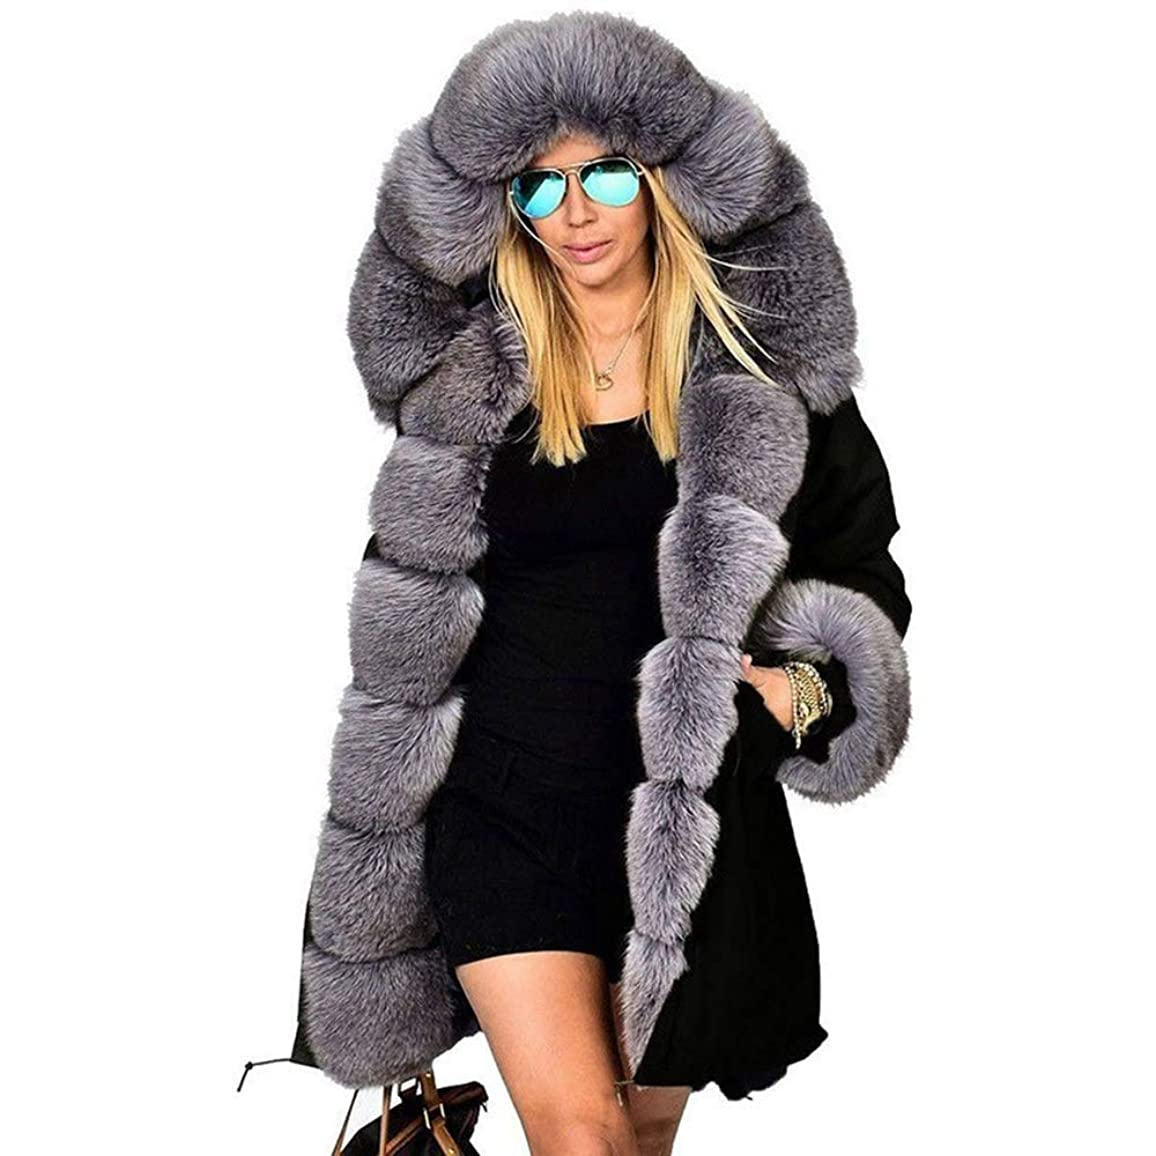 敬意病気現金ファッションウィメンズジャケット女性ウォームコートフェイクファーコットンオーバーコート女性ロングフードコートパーカー,XXL